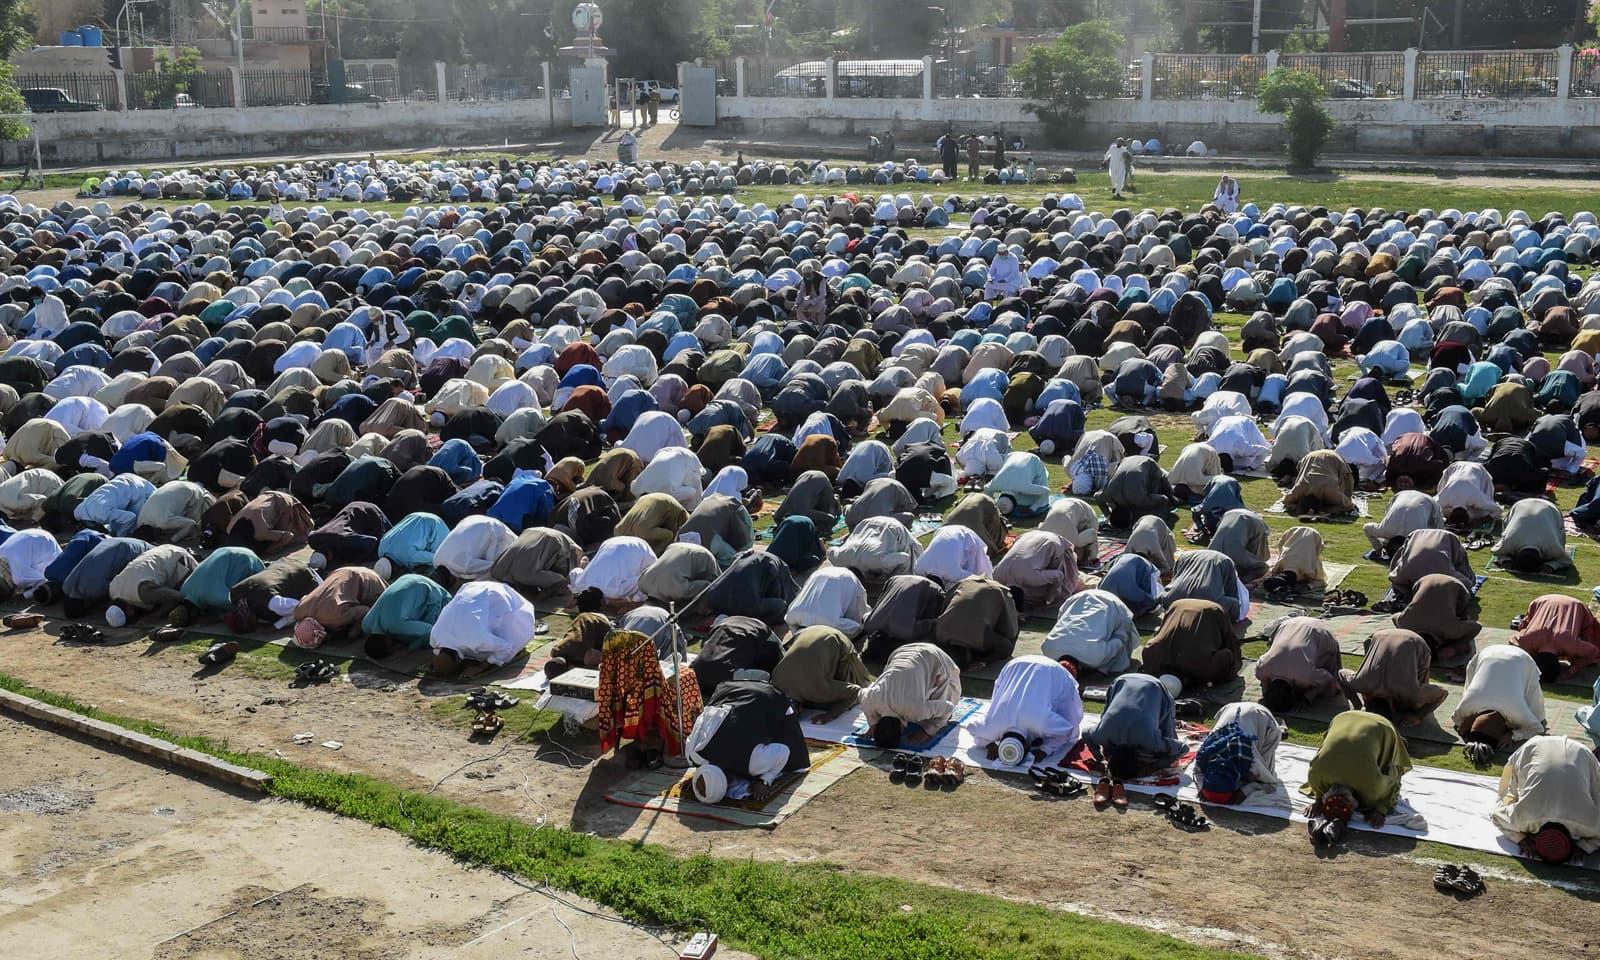 کوئٹہ میں نماز عید کی ادائیگی کے دوران اہل ایمان اپنے رب کے حضور سربسجود ہیں— فوٹو: اے ایف پی